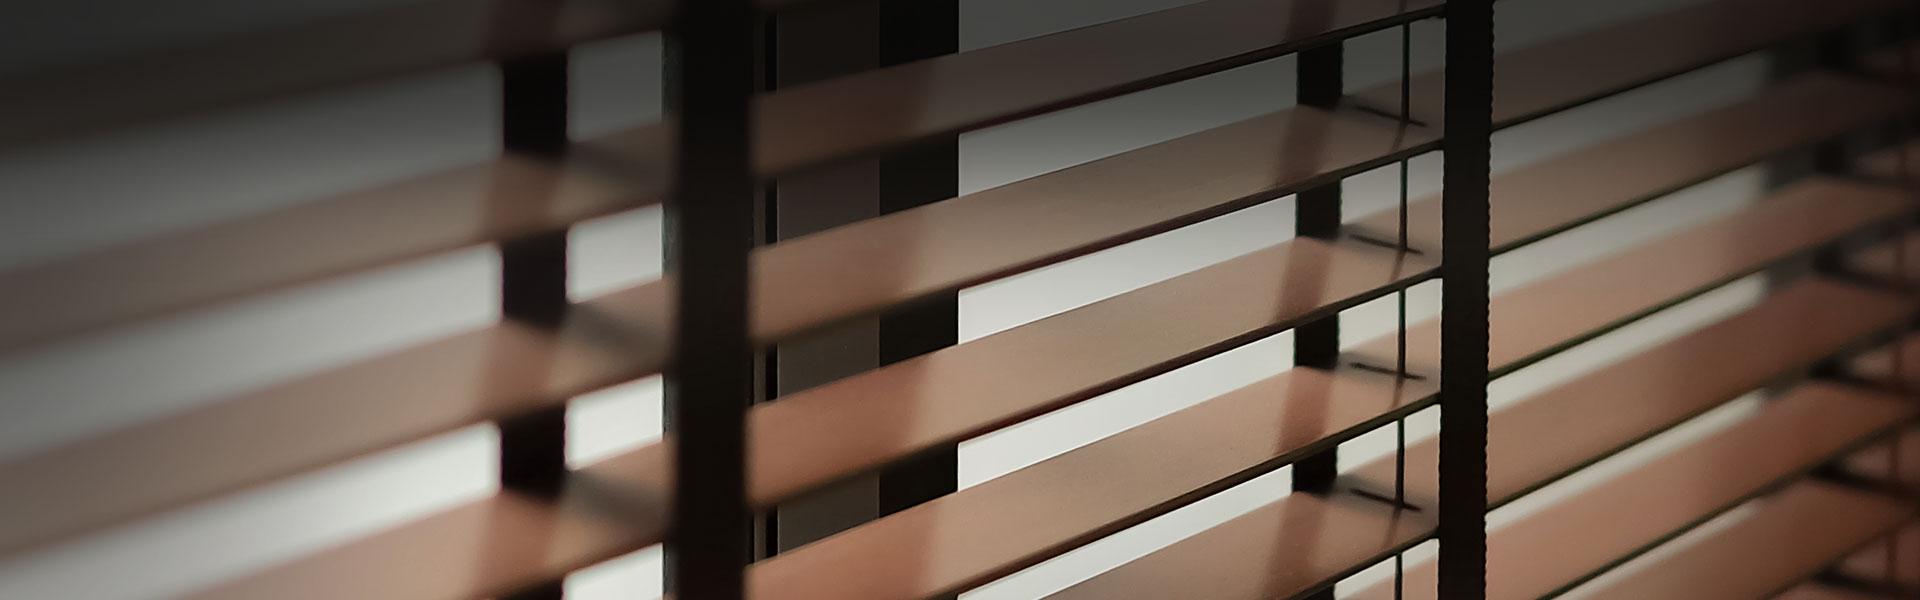 Dřevěné žaluzie 50mm Retro